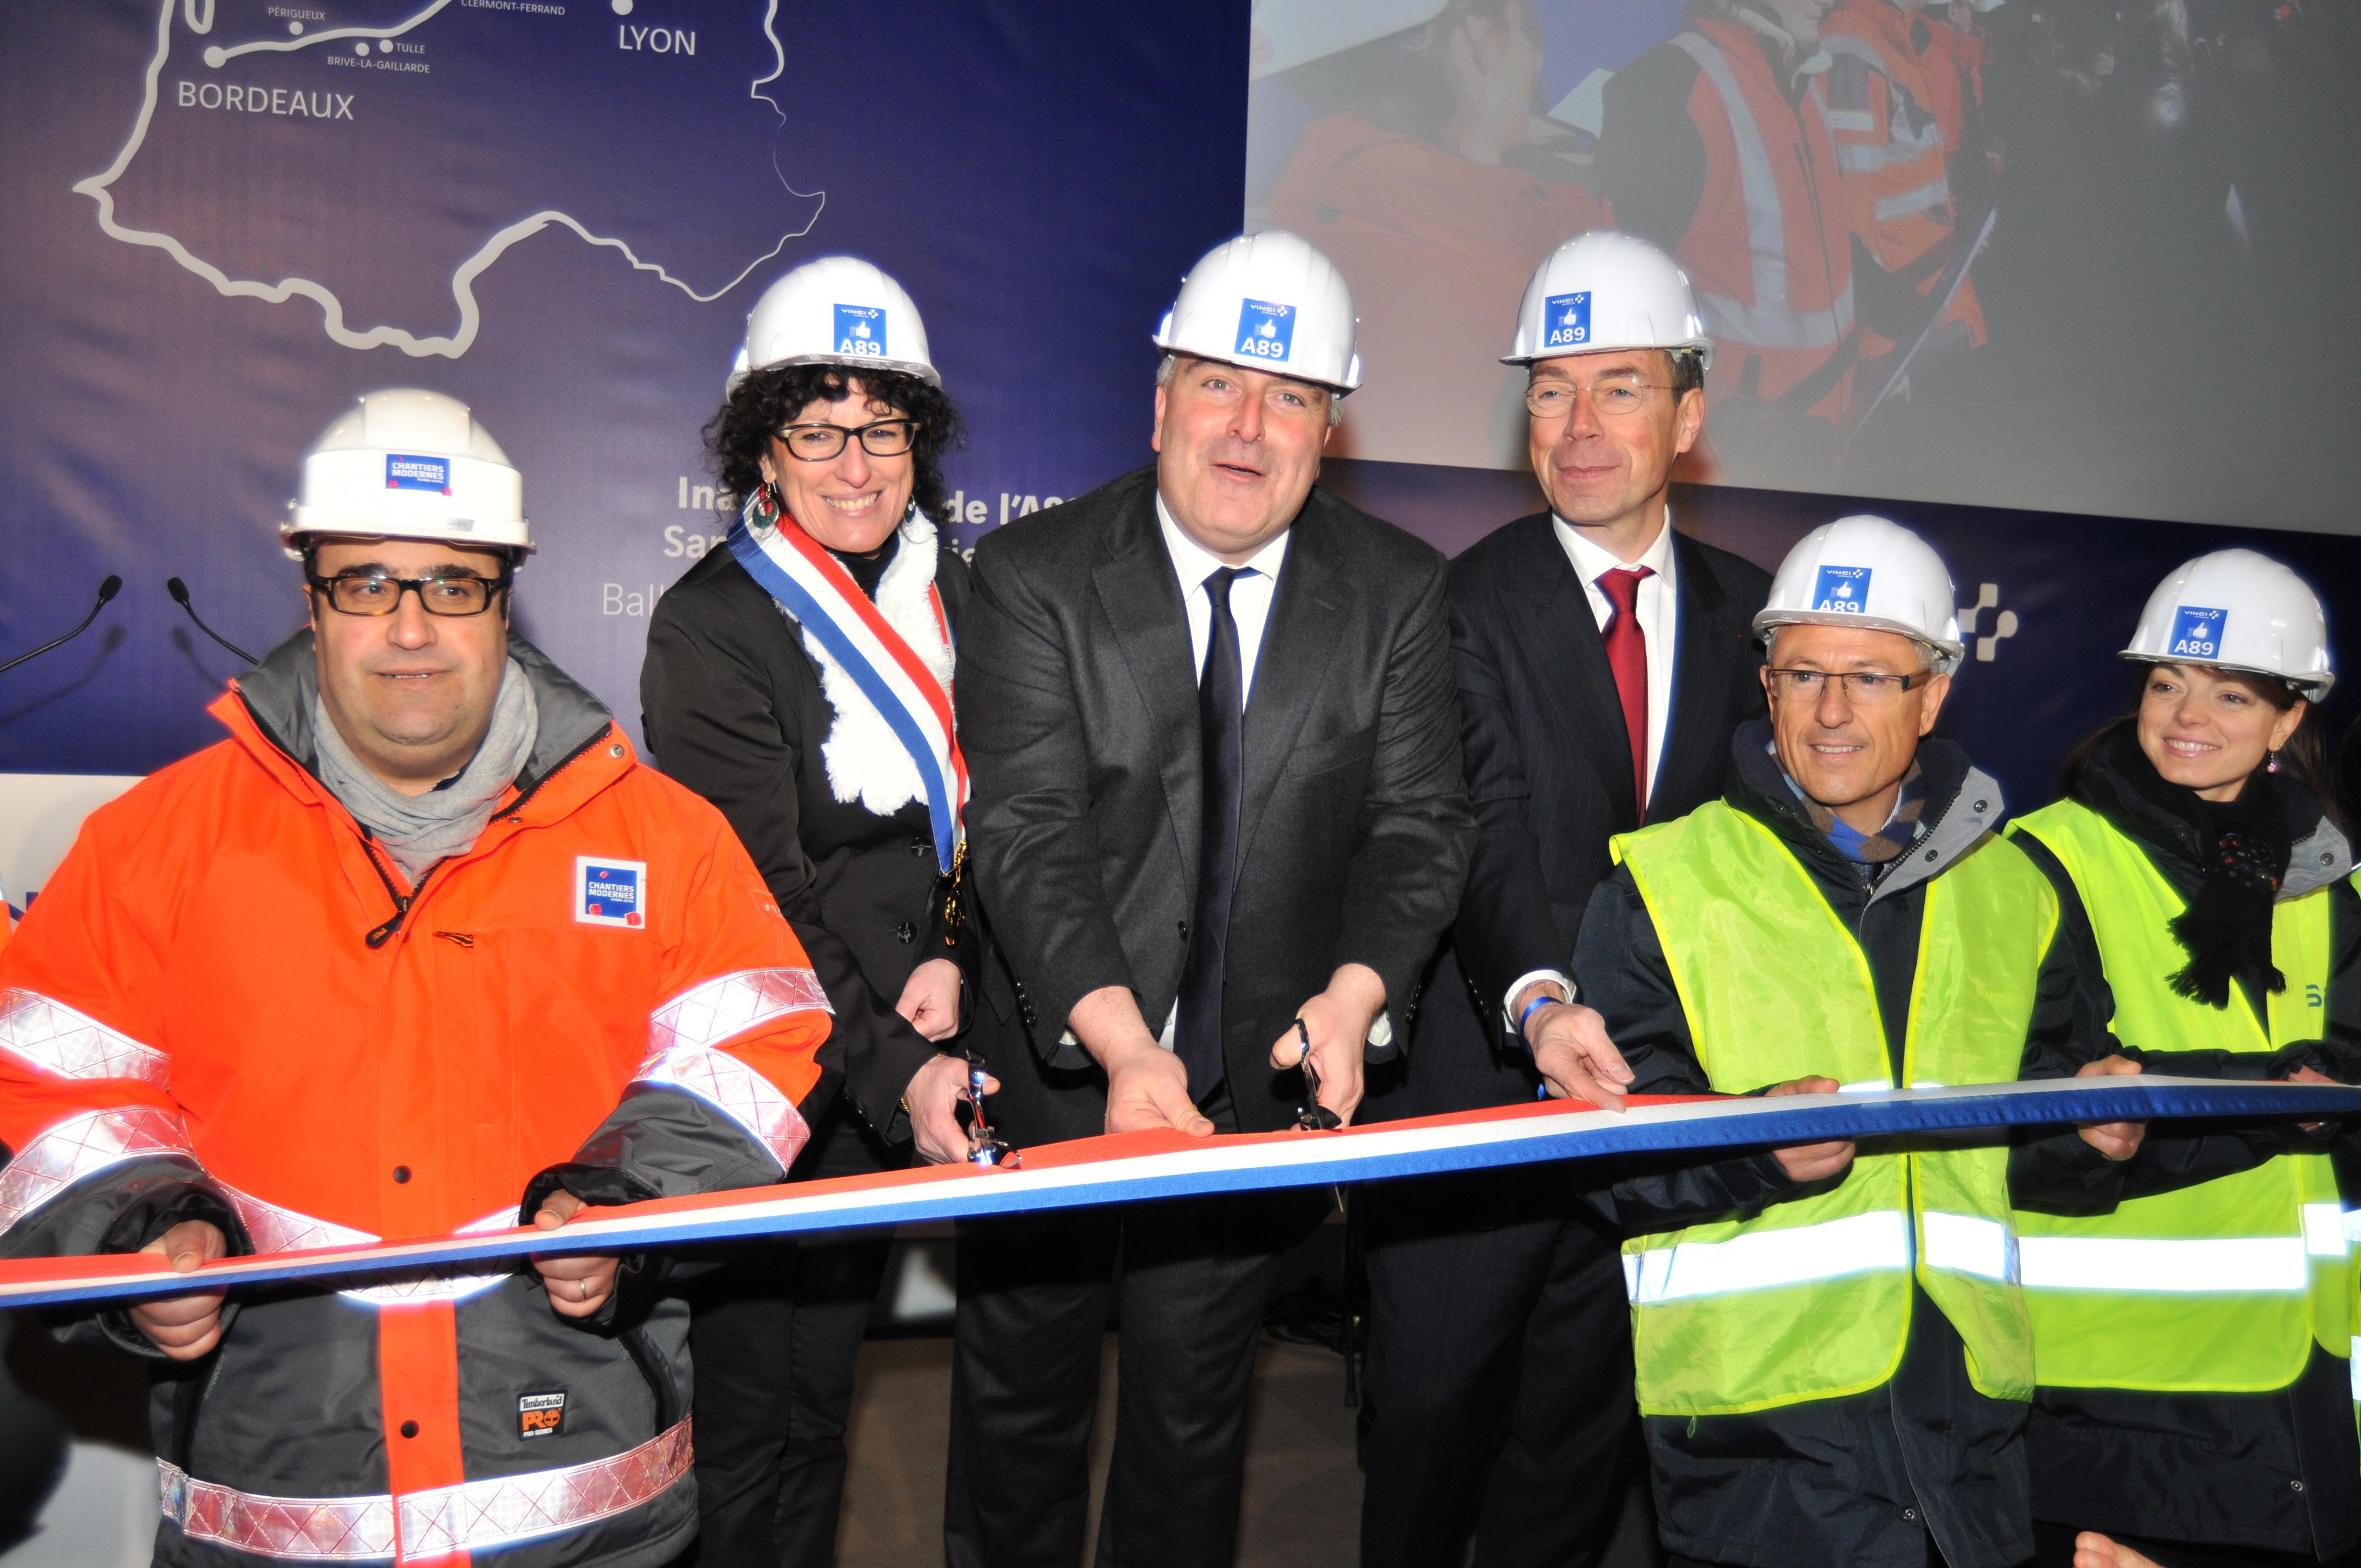 Inauguration de l'A89 49